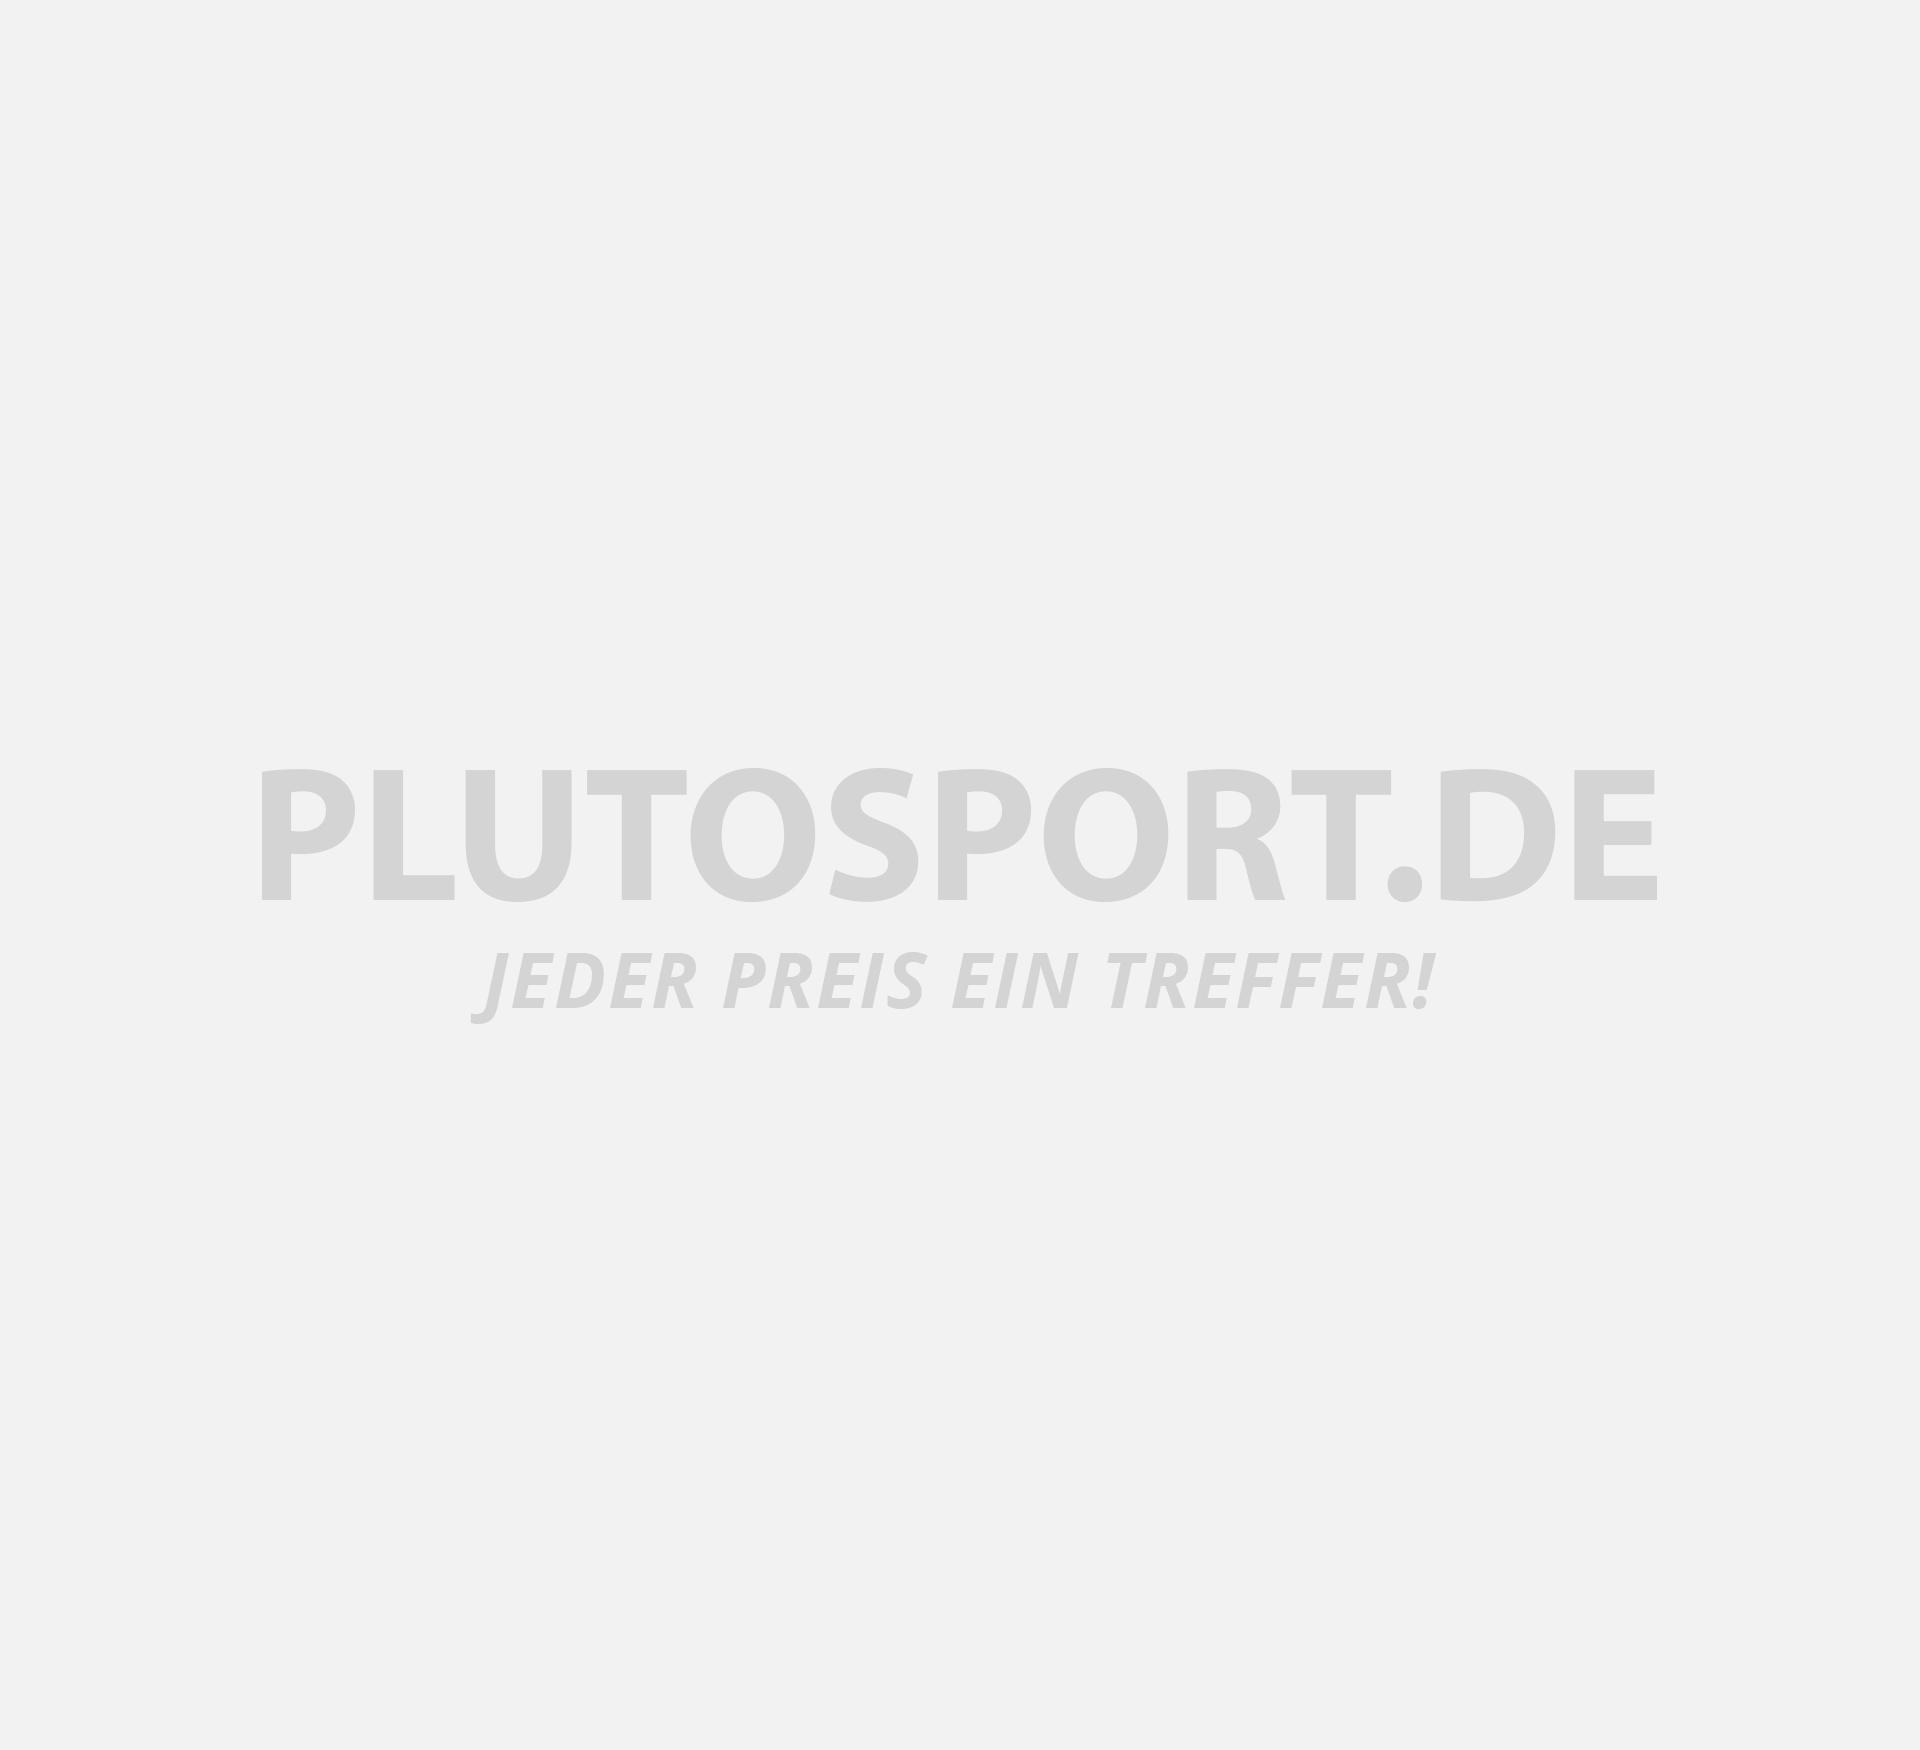 Adidas Beau Jeu Euro16 Sala 65 Match Ball